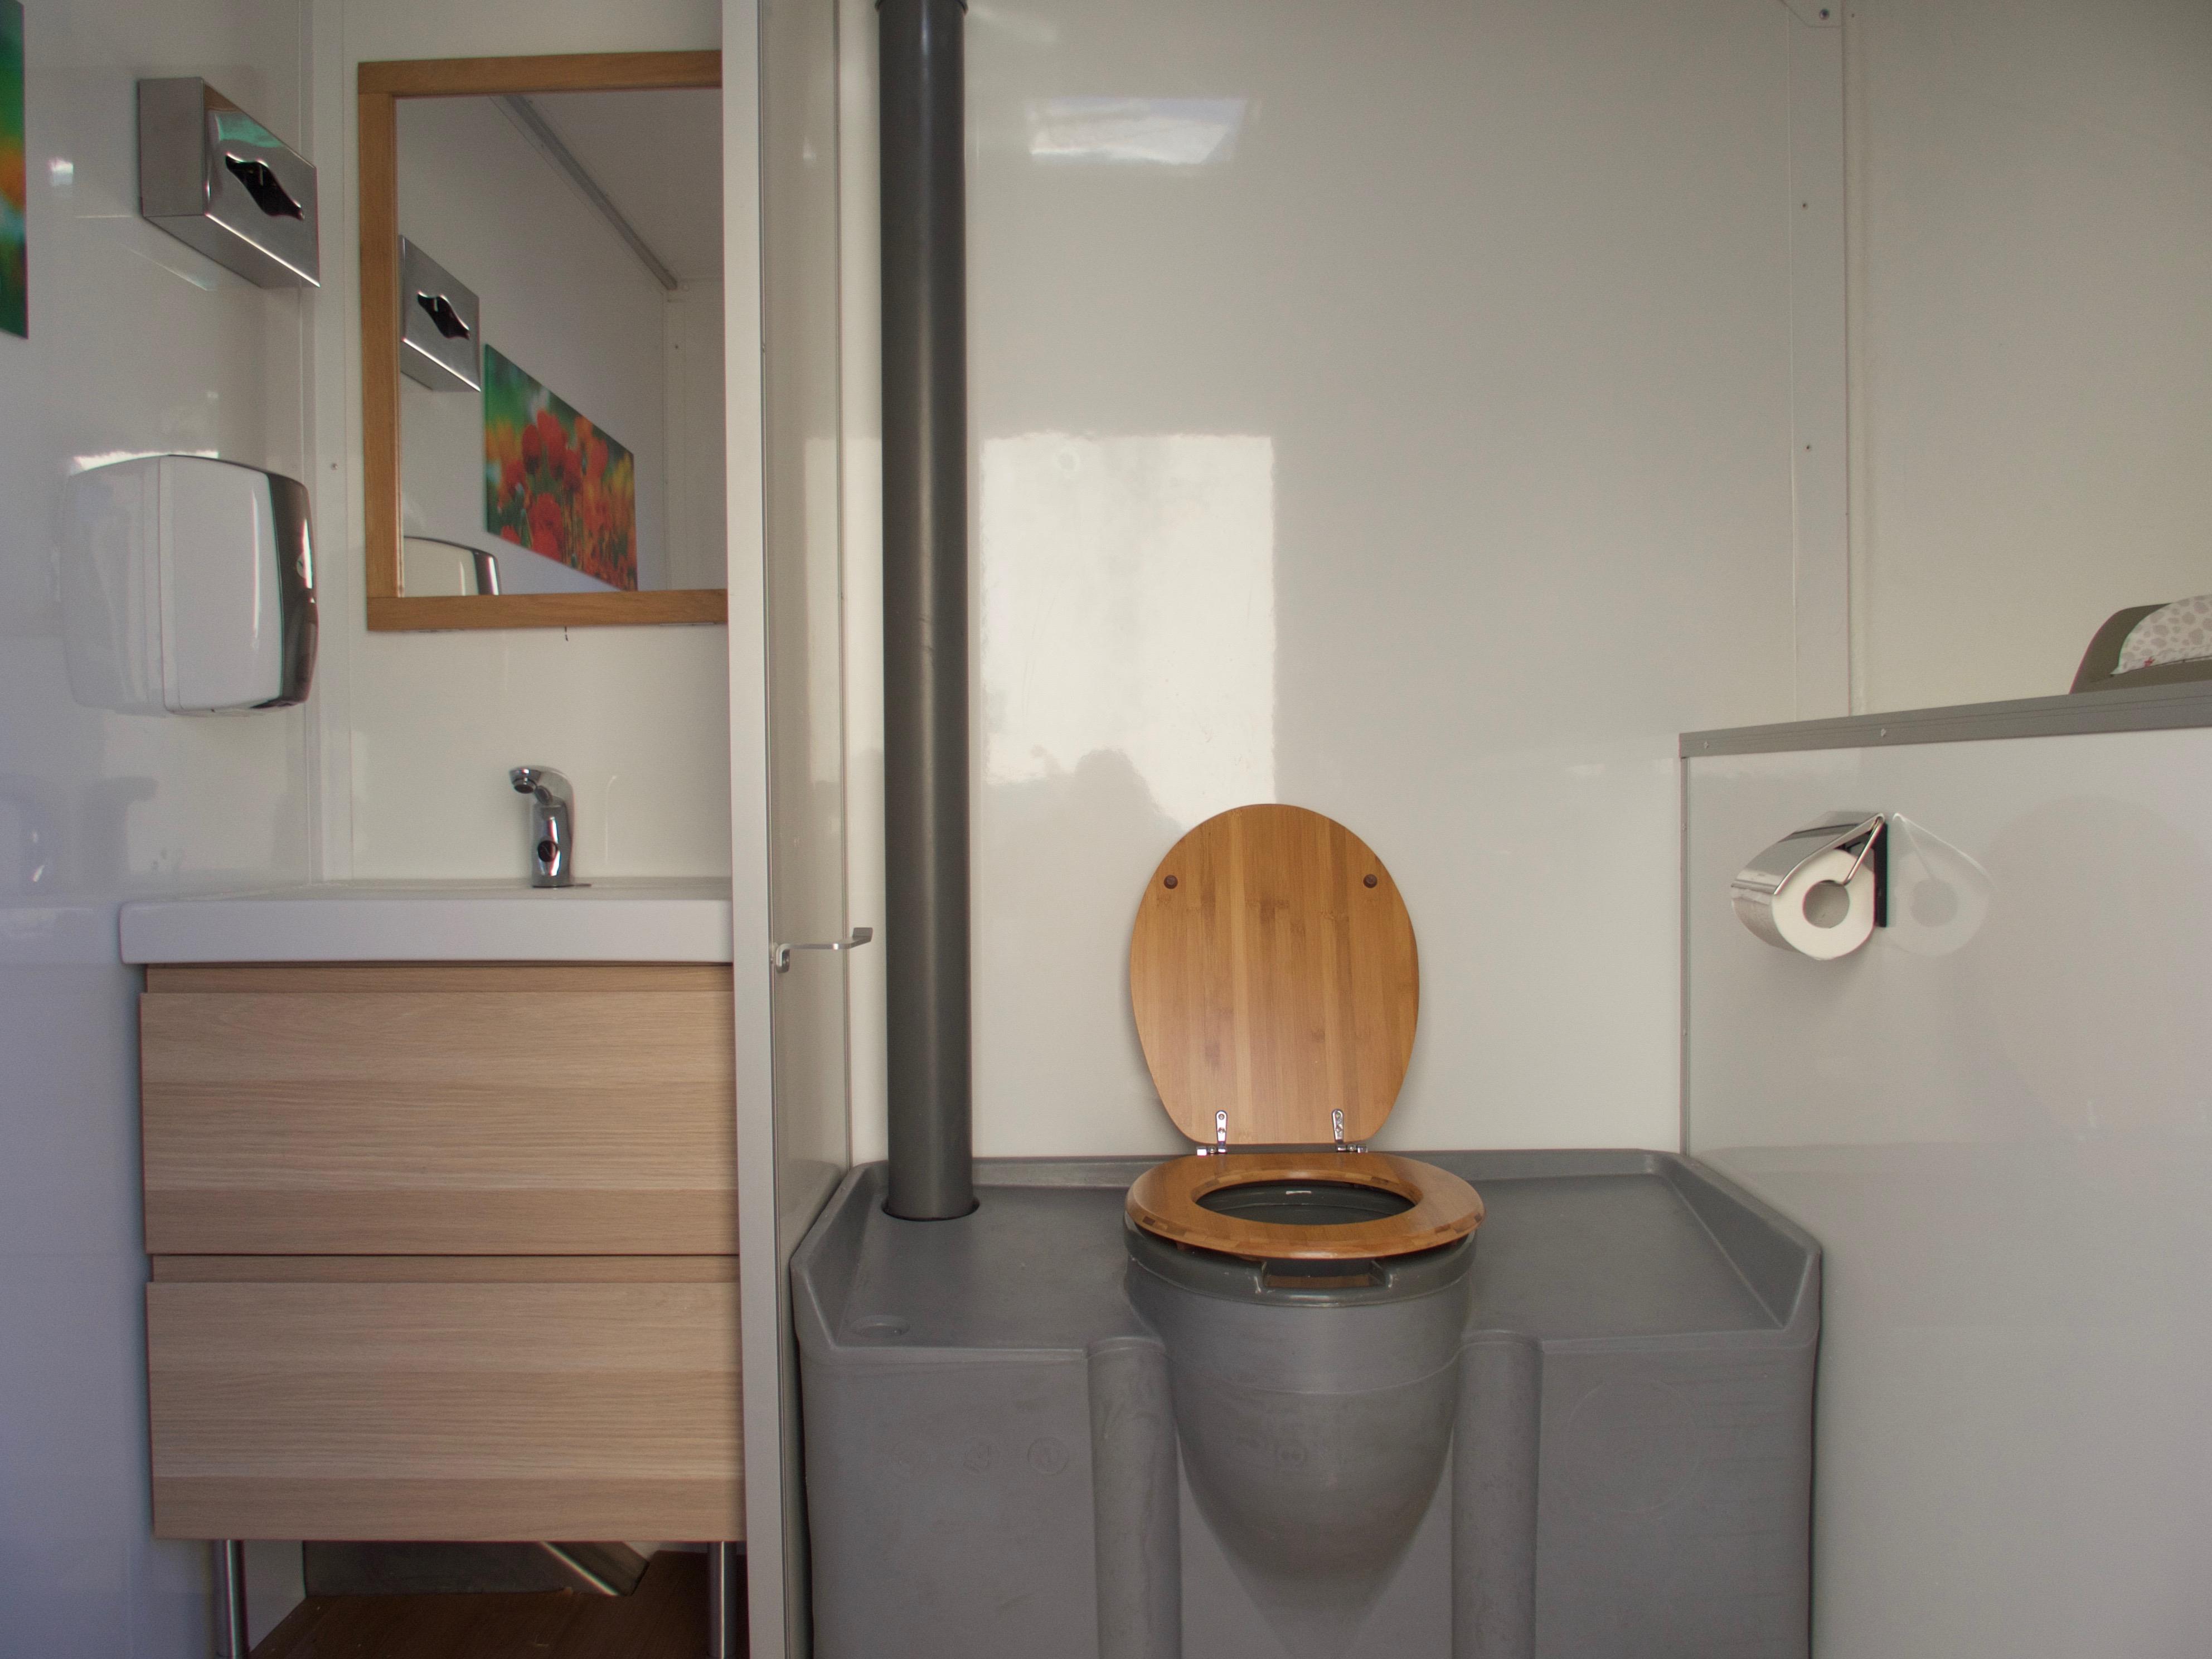 Caravane Sanitaire Confort Location Toilettes Chimiques concernant Toilettes Bouchés